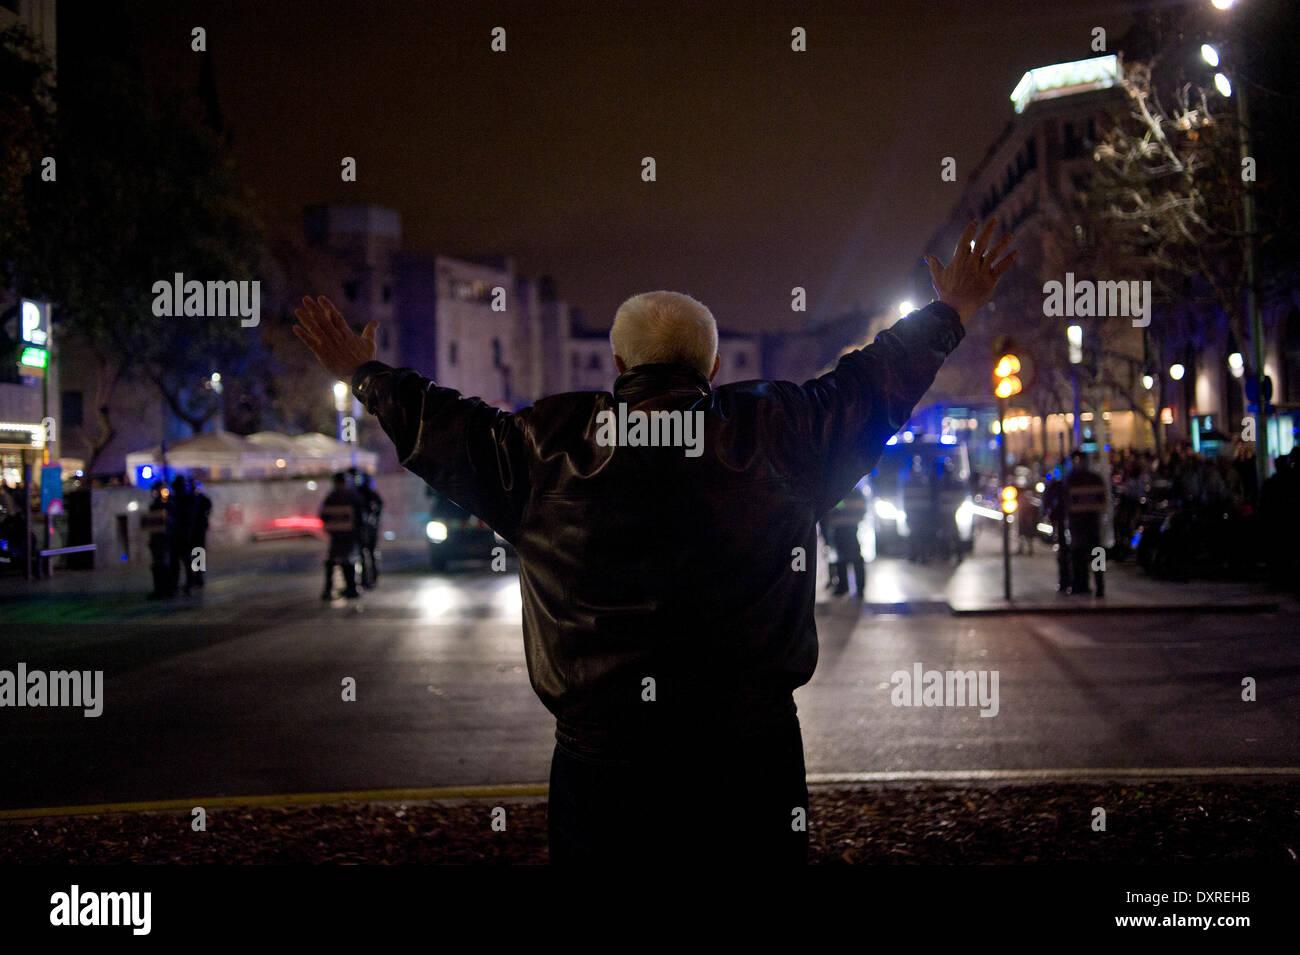 Barcelona, España -29º de marzo de 2014. Un manifestante con los brazos abiertos en actitud pacifista hacia un cordón de la policía antidisturbios. Una manifestación celebrada en Barcelona por varios grupos sociales contra los recortes y la represión terminó con enfrentamientos con la policía en el centro de la ciudad. Crédito: Jordi Boixareu/Alamy Live News Imagen De Stock